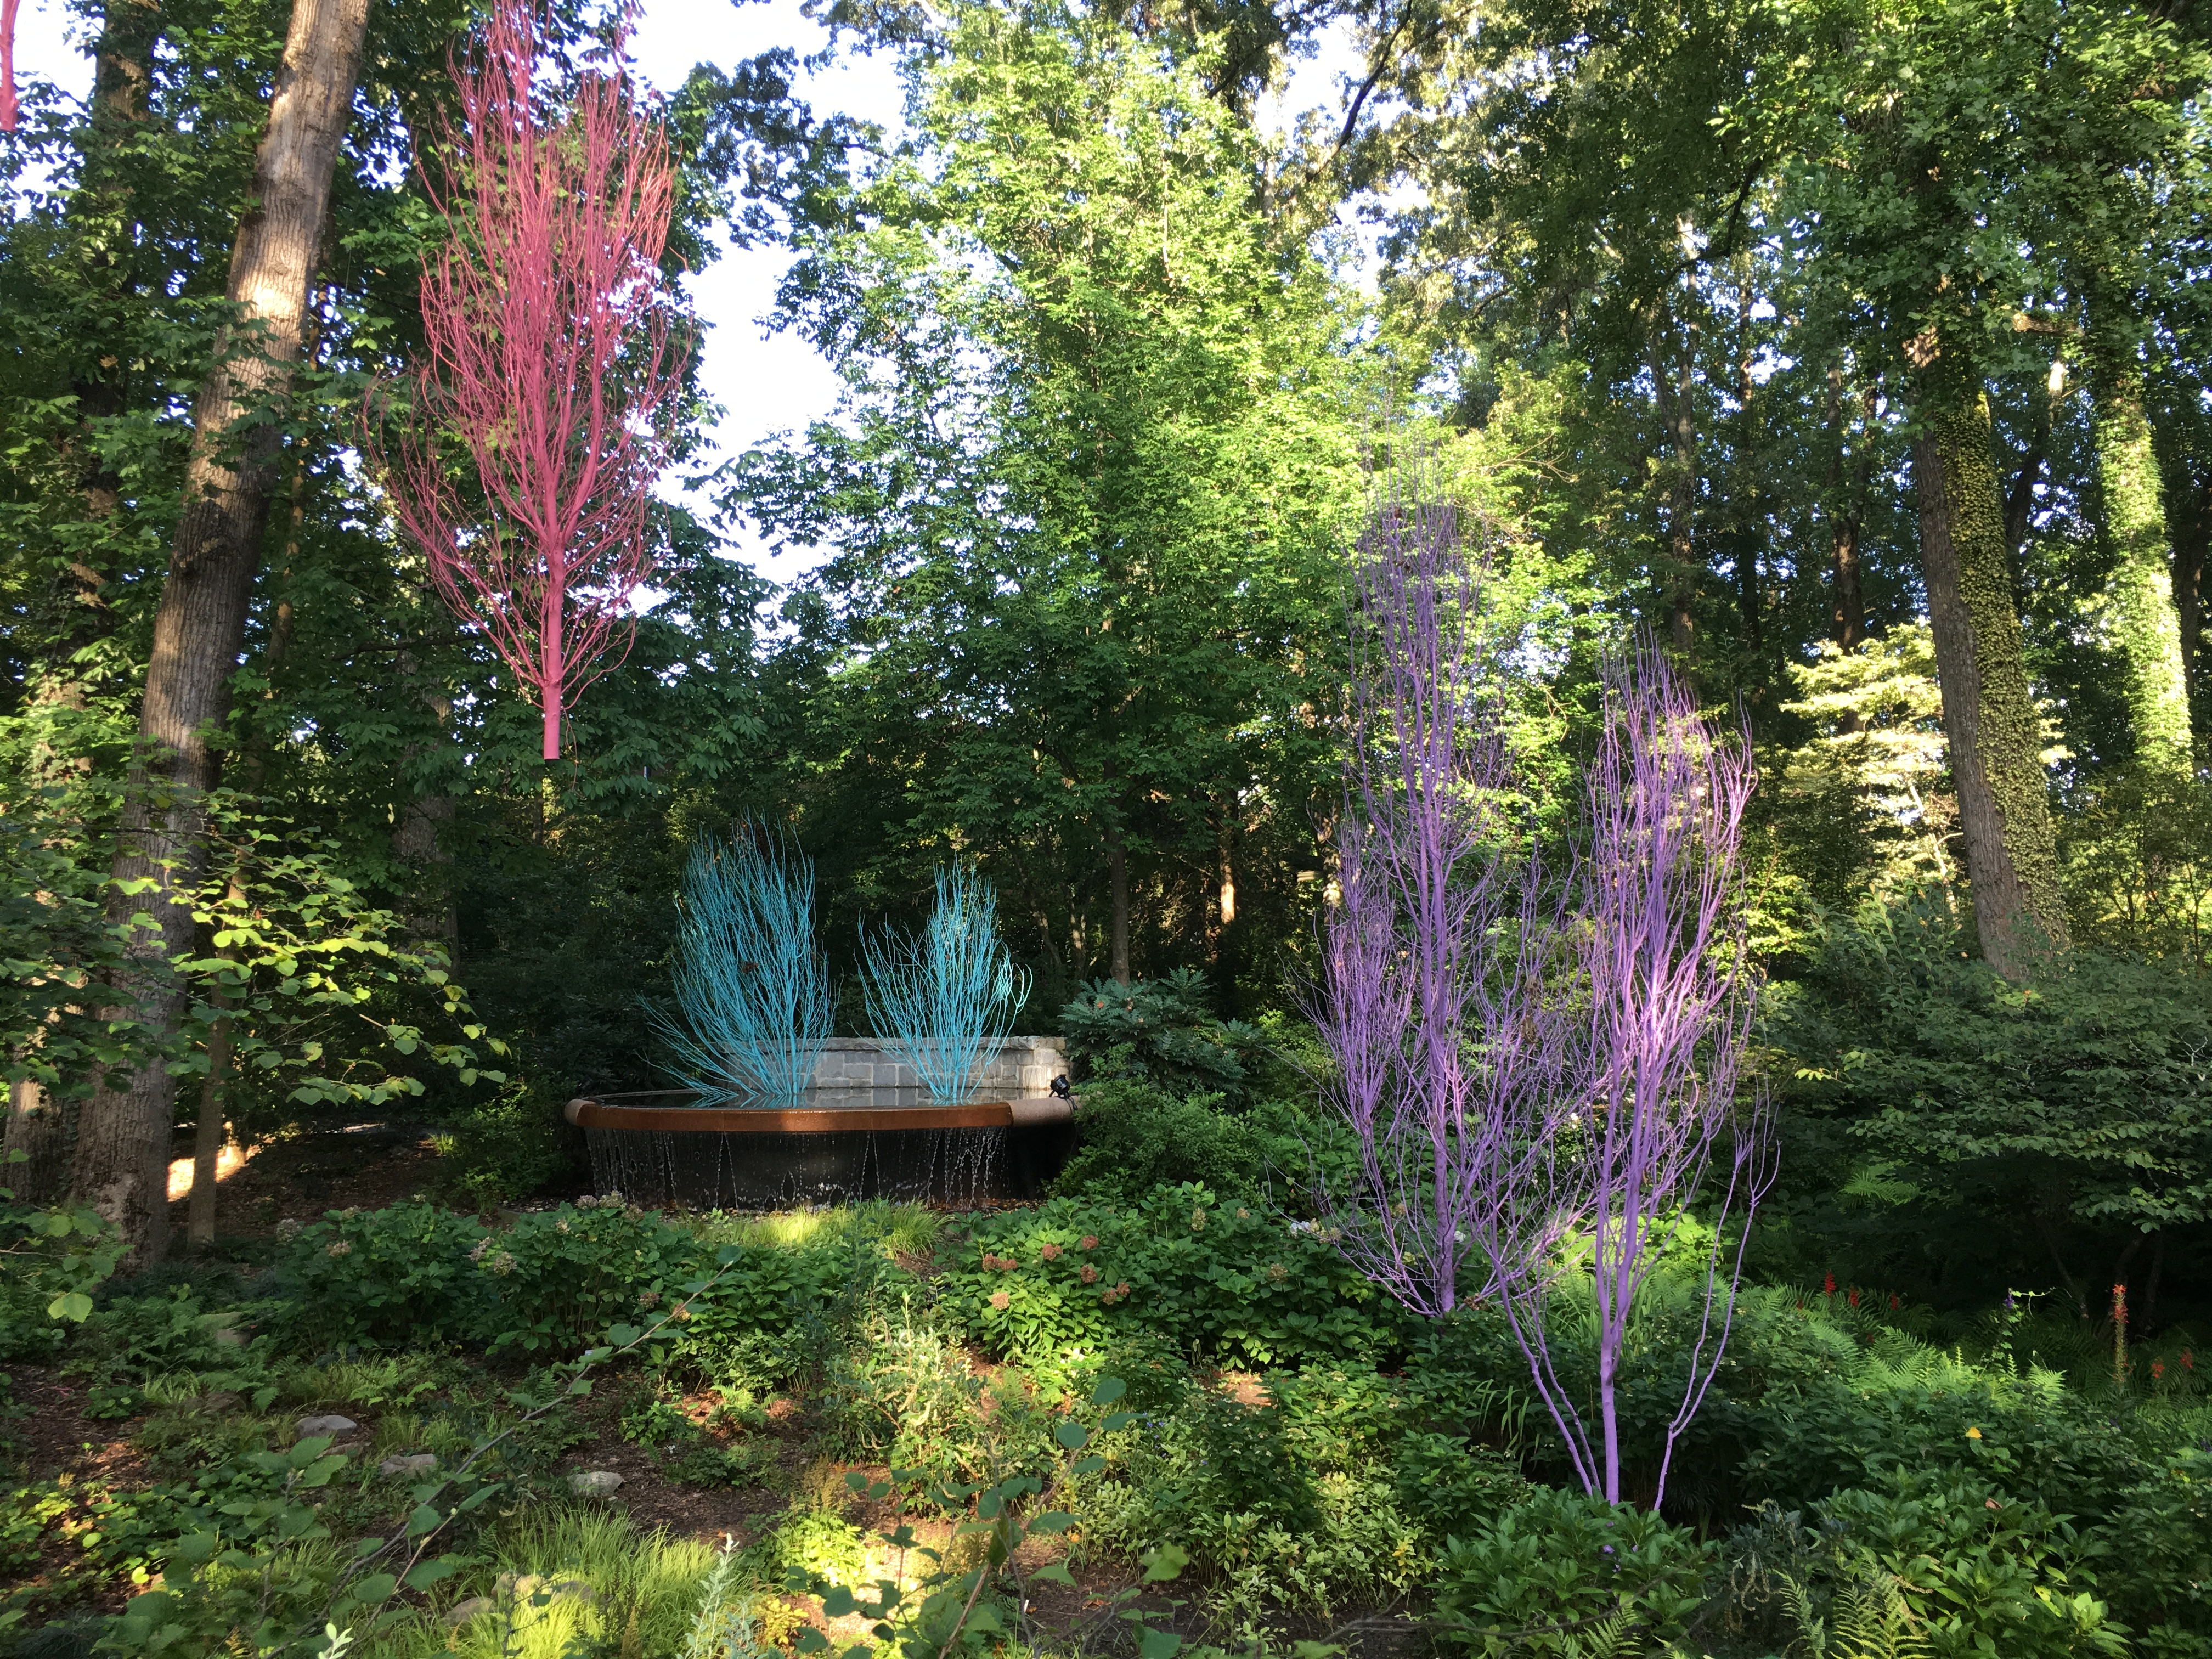 Curious Garden Exhibit at the Atlanta Botanical Garden